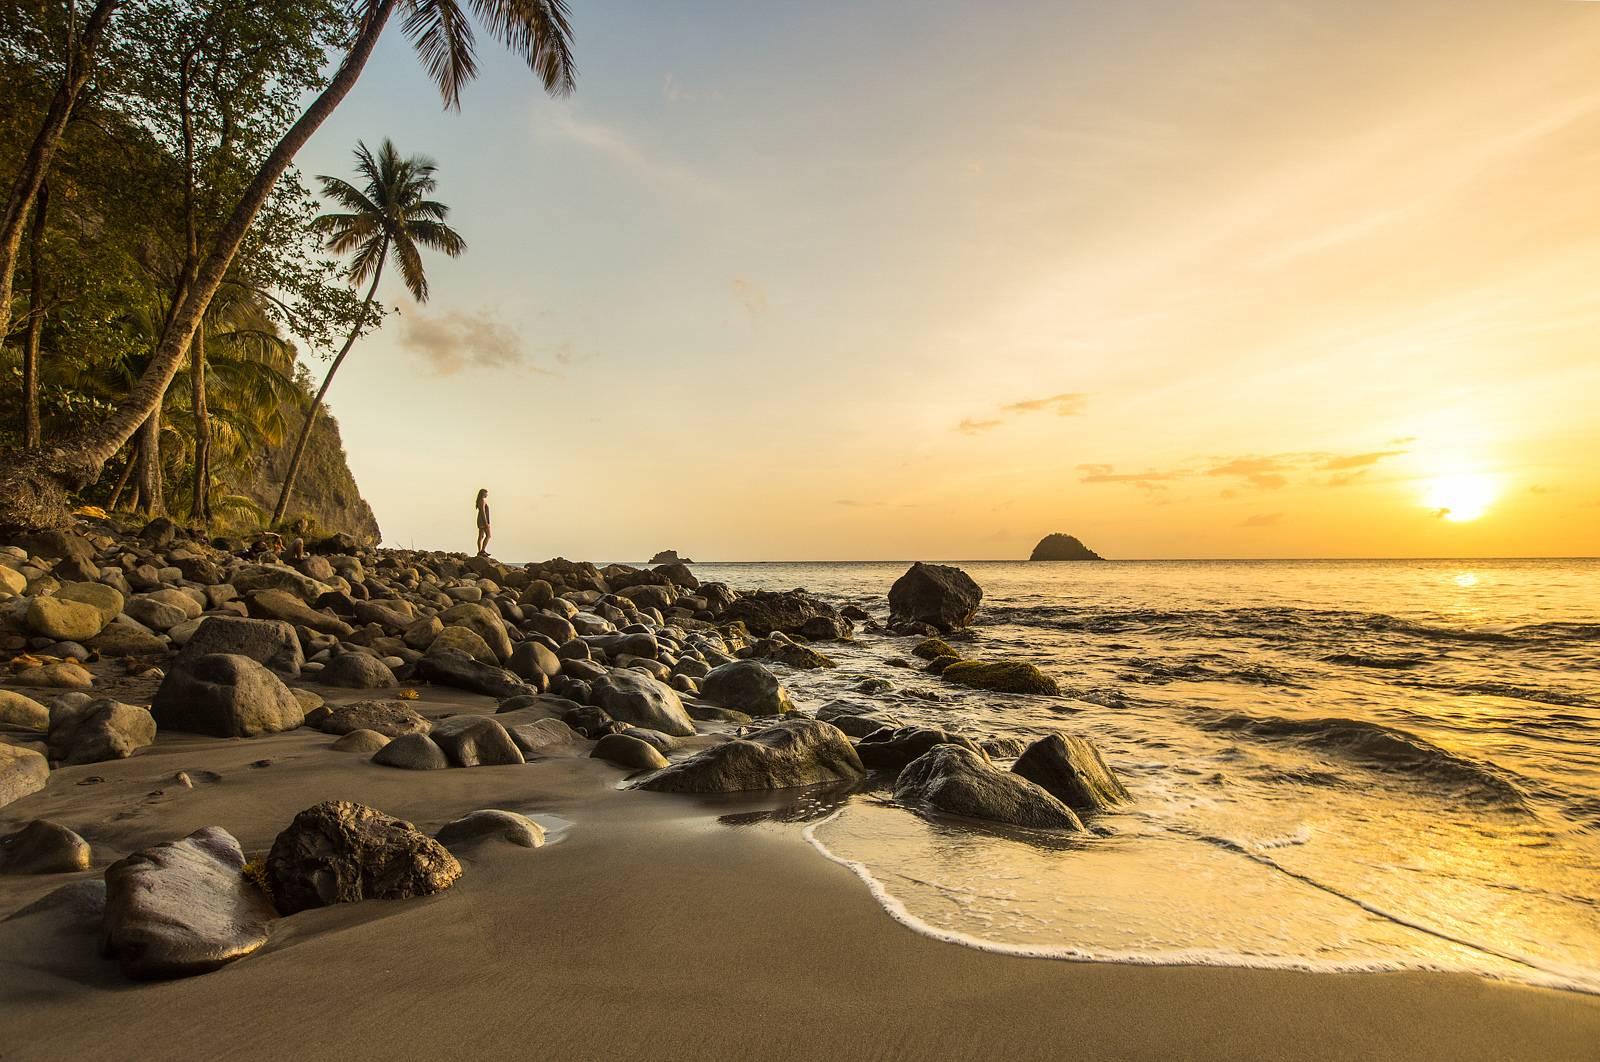 Мартиника, Франция, Карибское море